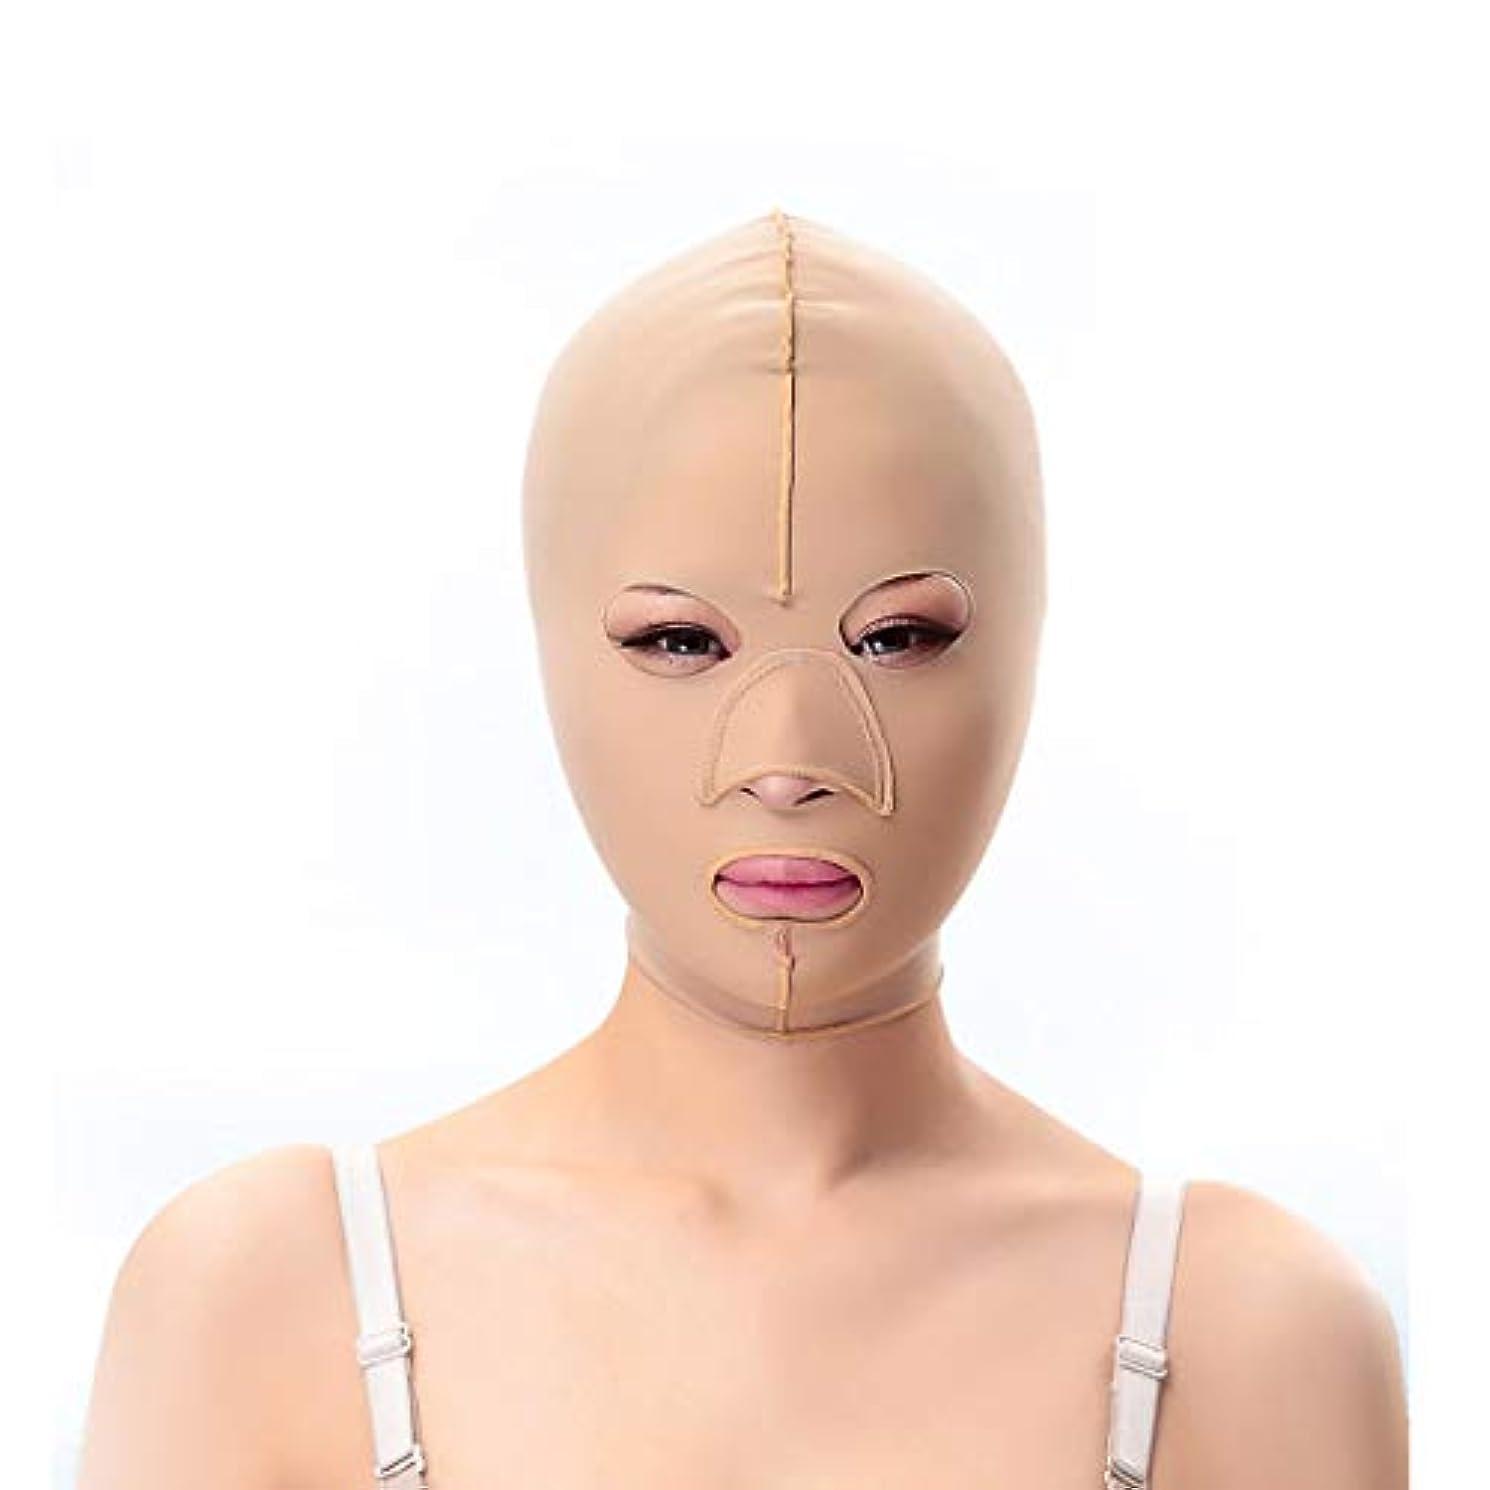 懺悔視力ポルノ痩身ベルト、フェイシャルマスク薄いフェイスマスクを脇に持ち上げる二重あご引き締め顔面プラスチックフェイスアーティファクト強力なフェイス包帯 (Size : S)